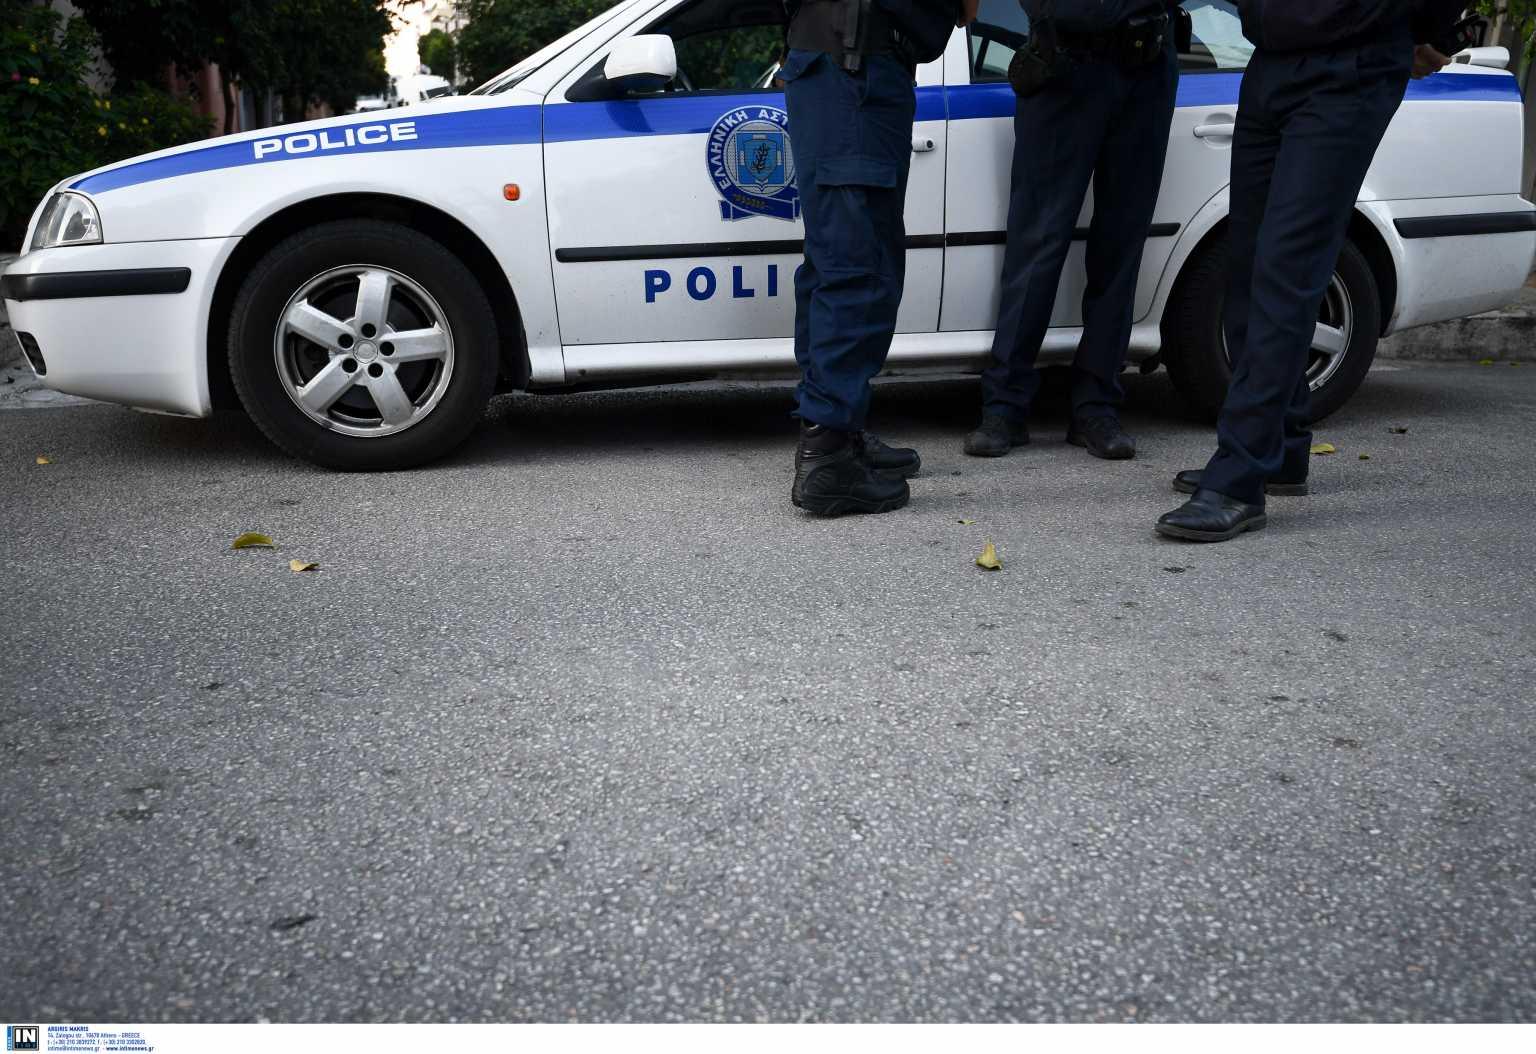 Πάτρα: Άγρια ληστεία στη Veso Mare – Τρόμος για 17χρονο που βρέθηκε περικυκλωμένος